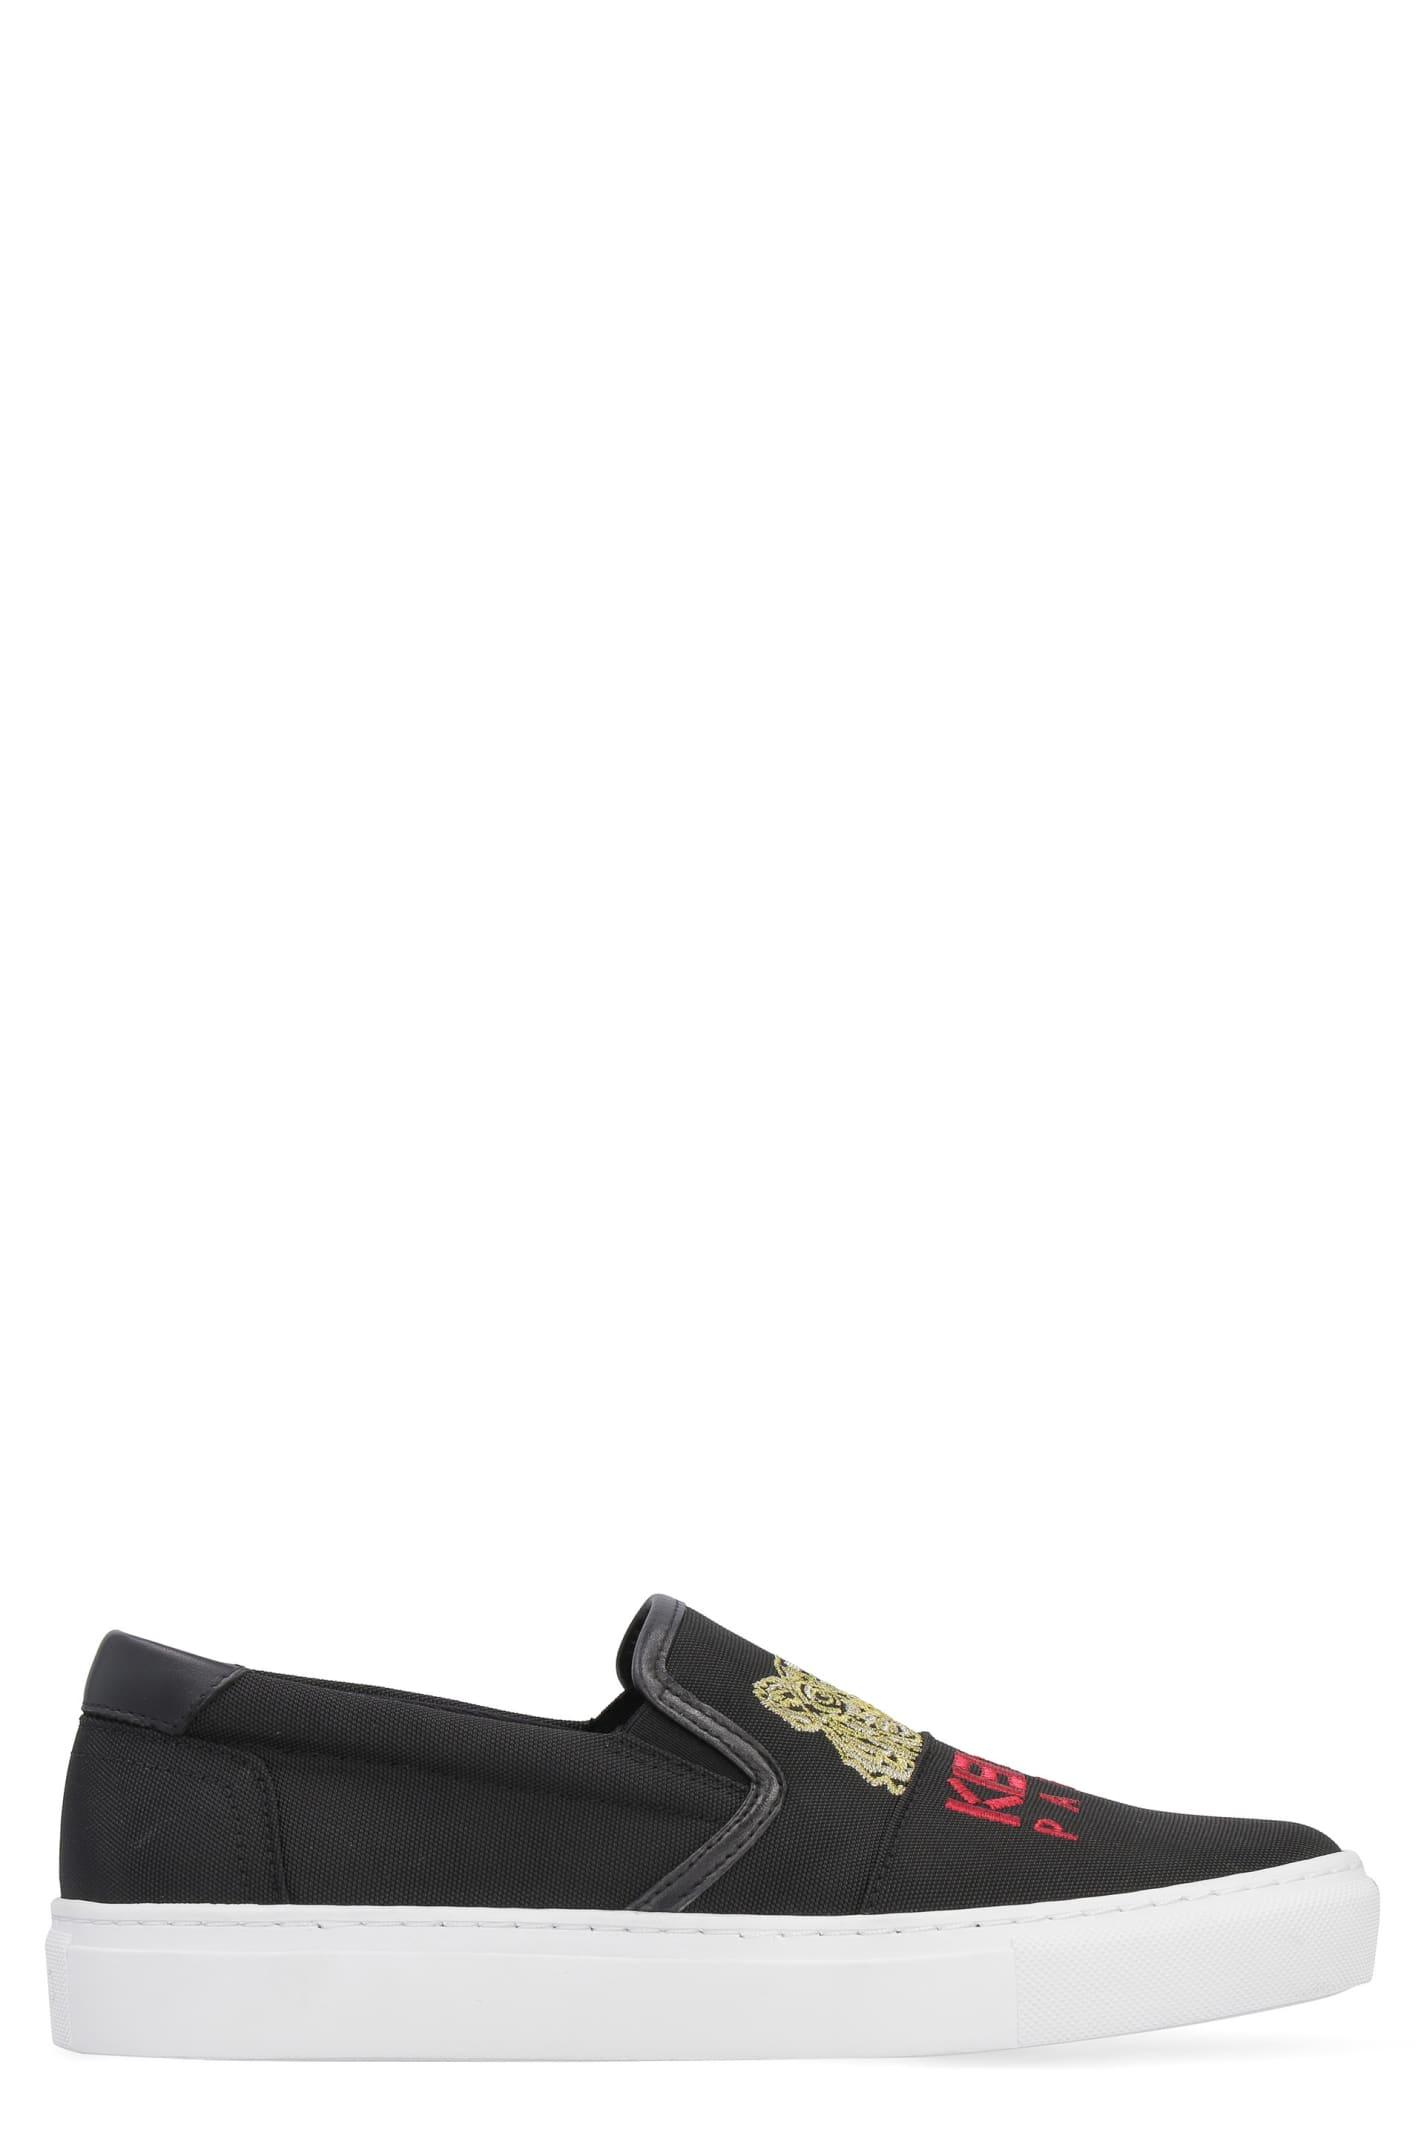 028da560f0 Kenzo K-skate Tiger Slip-on Sneakers